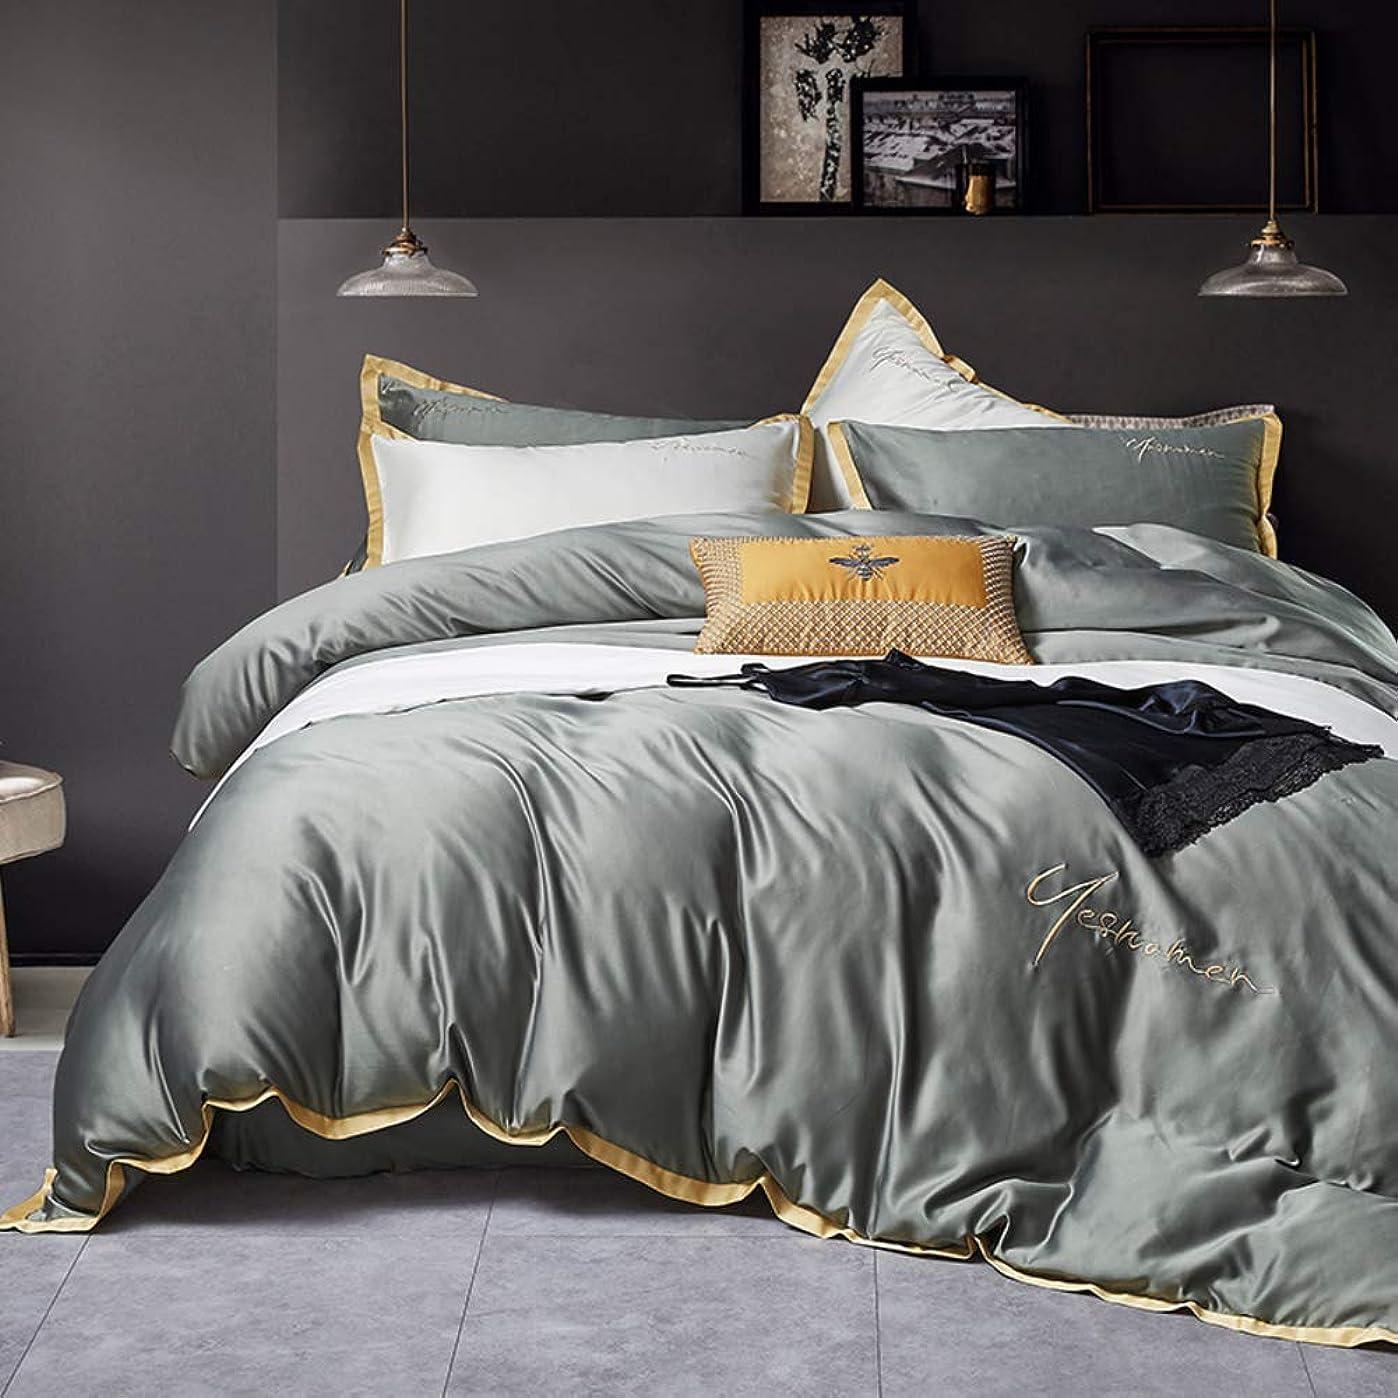 喜劇アルプス正午シルク 刺繍 綿サテン 寝具カバーセット, 4 ピース ジャカード ソフト 快適 綿 夏 クールな 肌-フレンドリー 寝具ベッド ファスナー付け-a